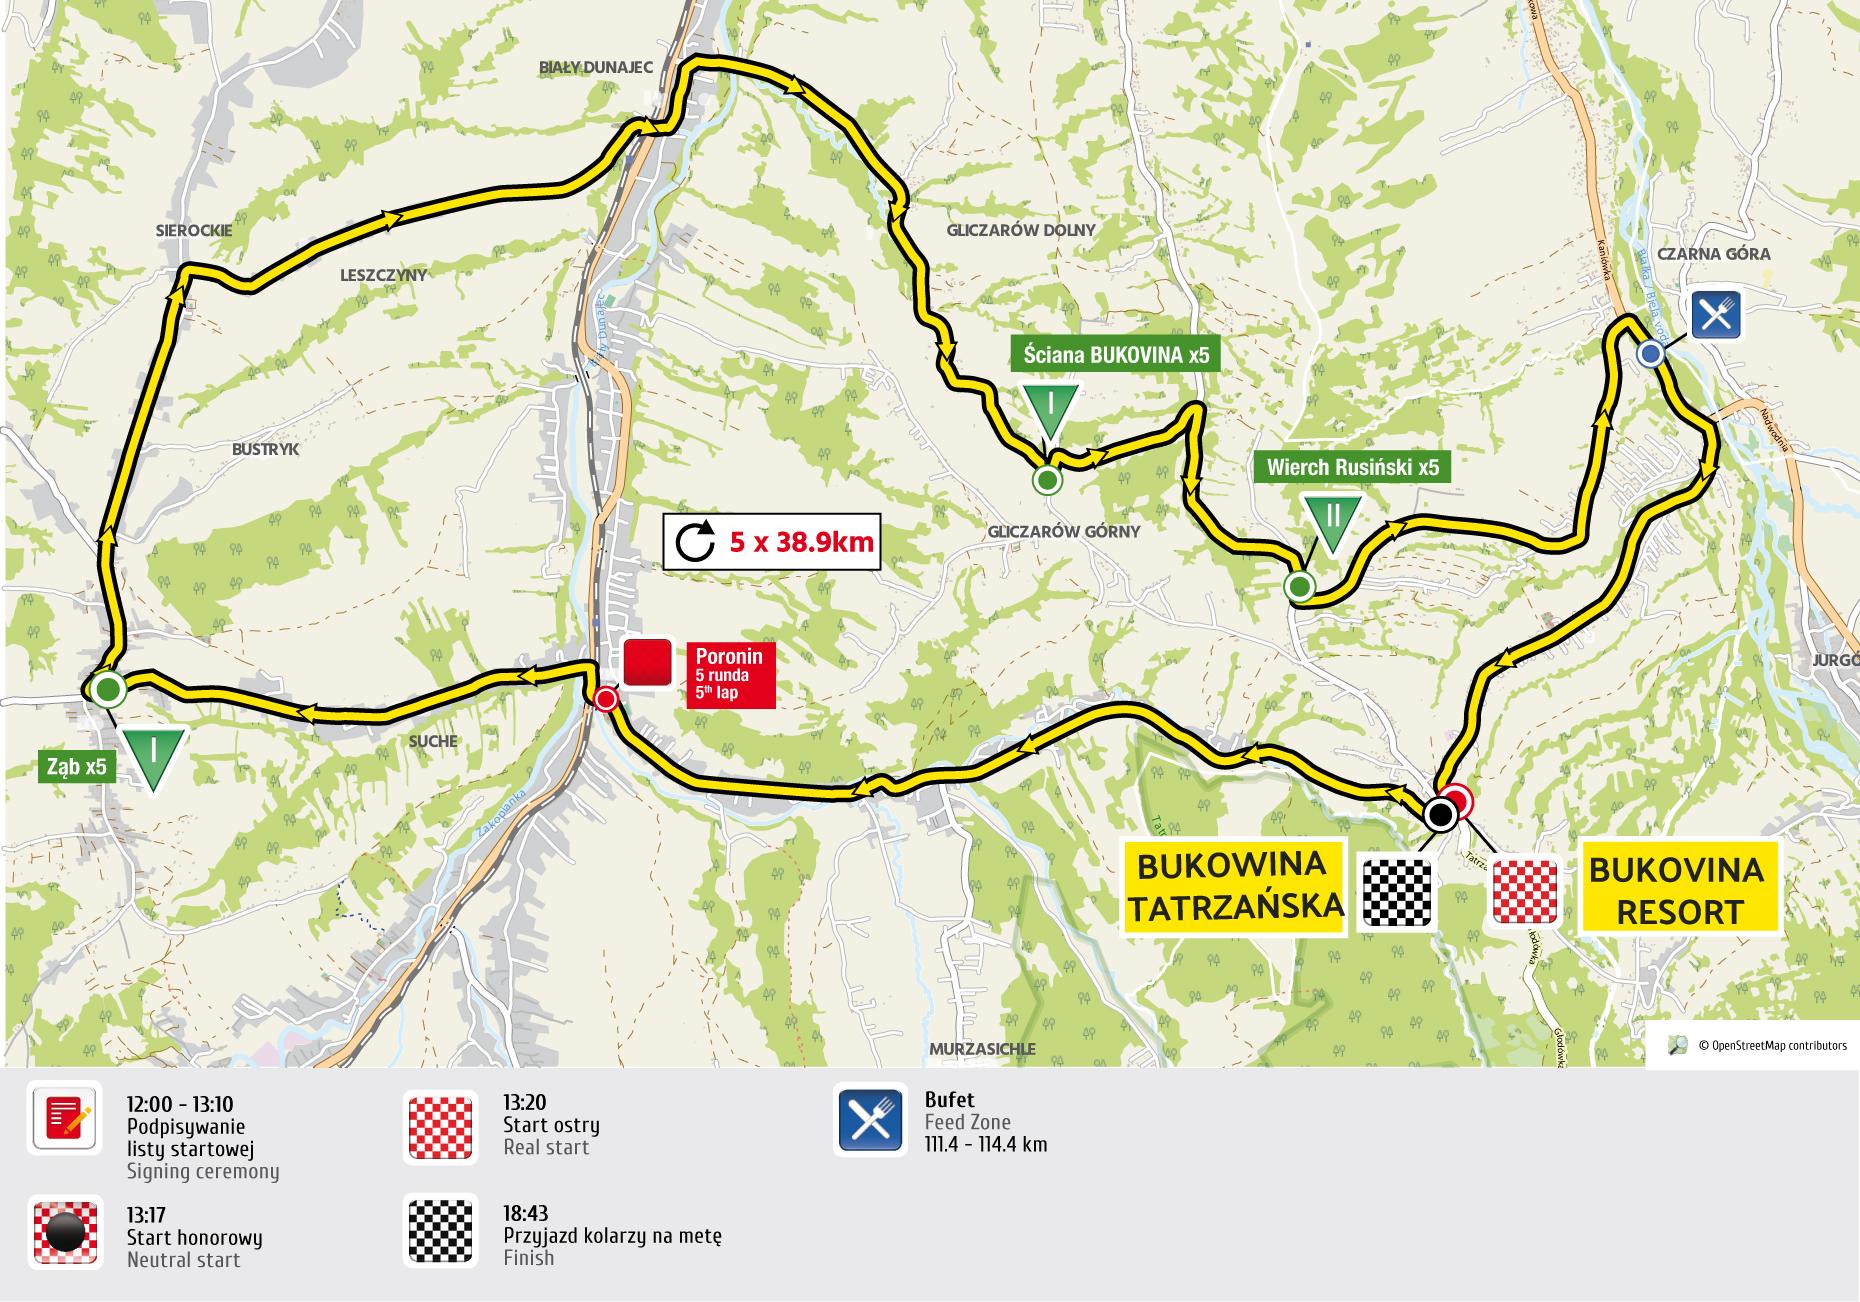 etap 6 mapa Tour de Pologne 2016 UCI World Tour